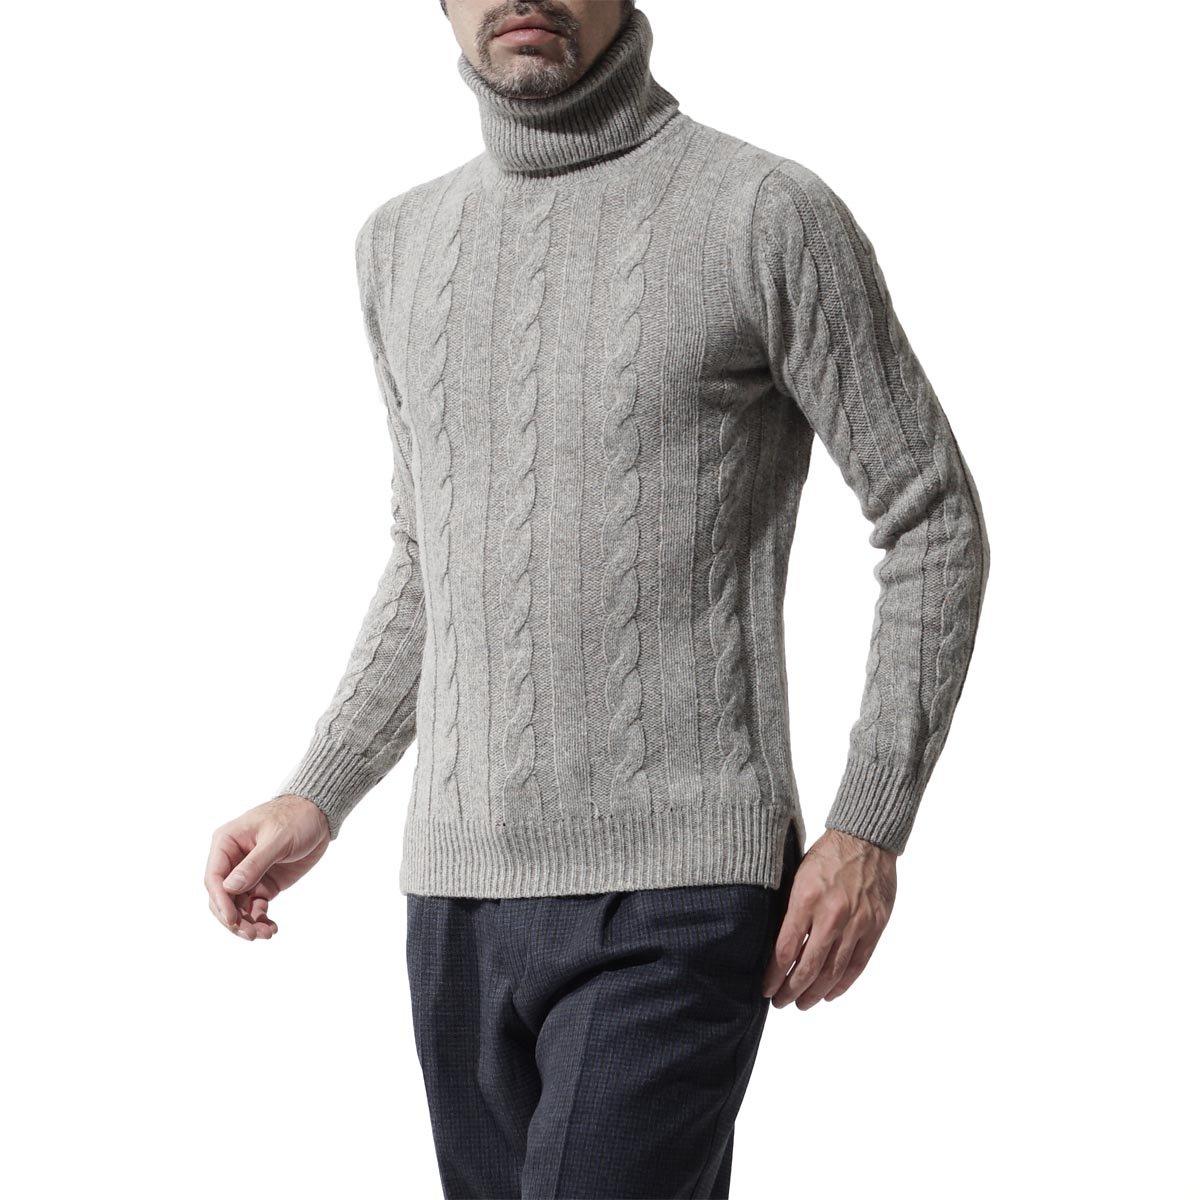 (ザジジ) THE GIGI タートルネック セーター/ハイネック セーター/EDGAR [並行輸入品] B076CFMQ7B S グレー グレー S